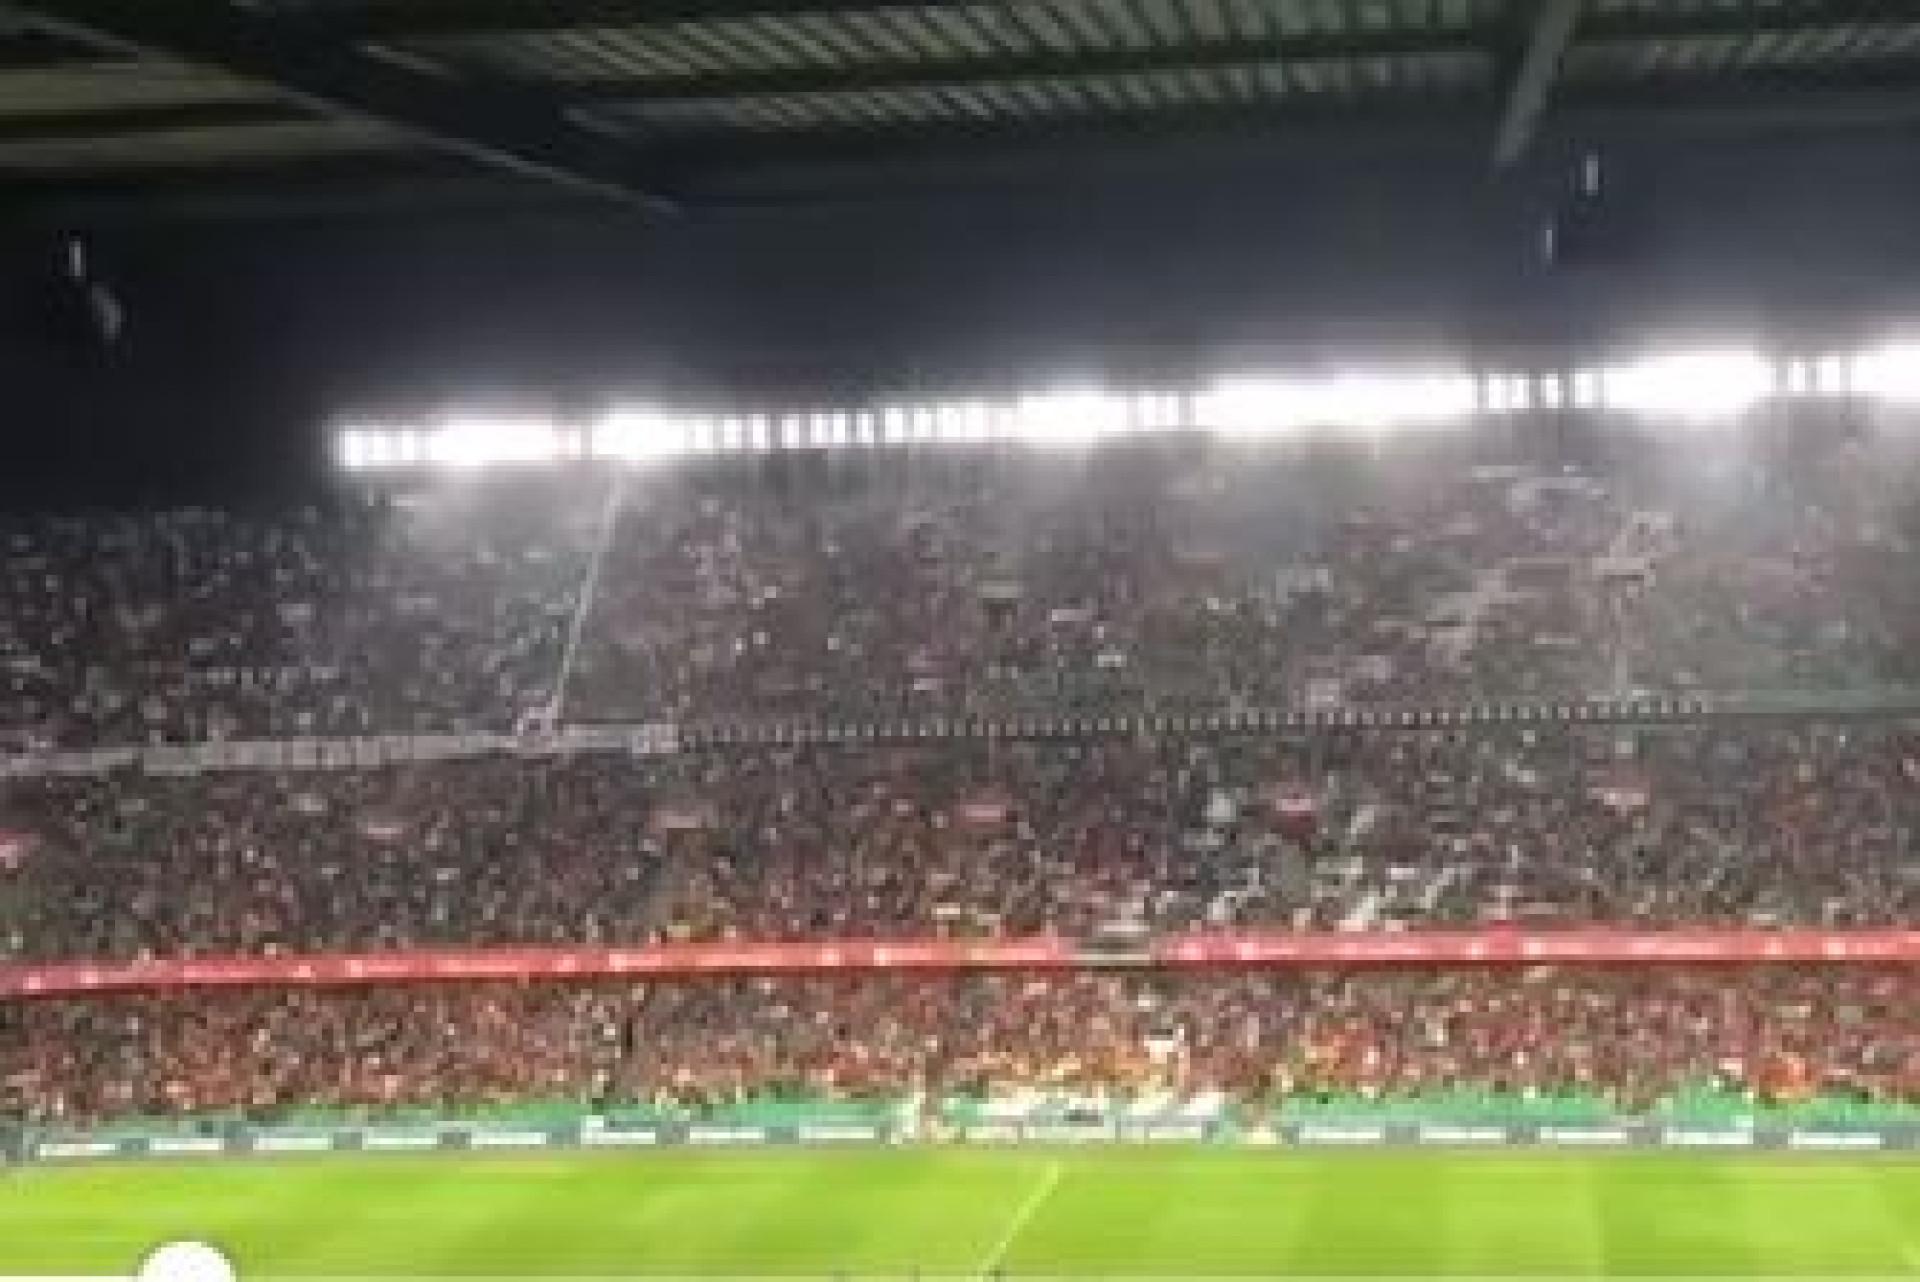 Polémica: Espanhóis assobiaram tanto que 'calaram' hino inglês